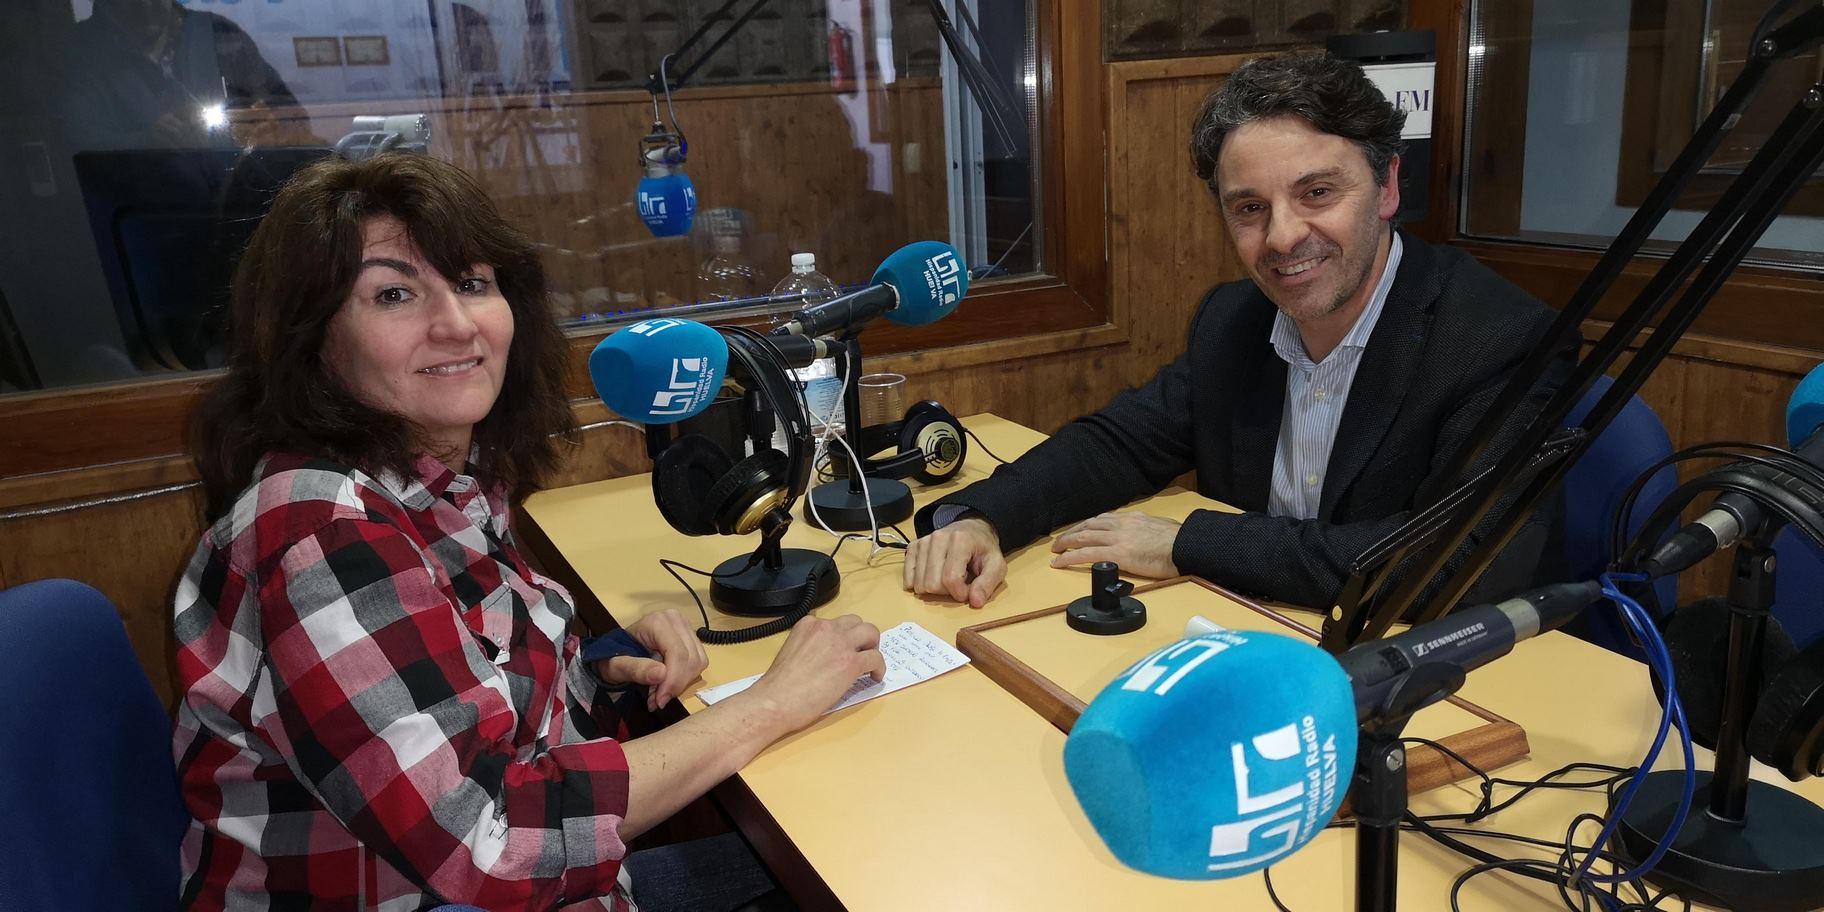 Queremos Saber 14-02-2020-Jesús Bueno, Concejal de Empleo, Desarrollo Económico y Planificación Estratégica del Ayuntamiento de Huelva